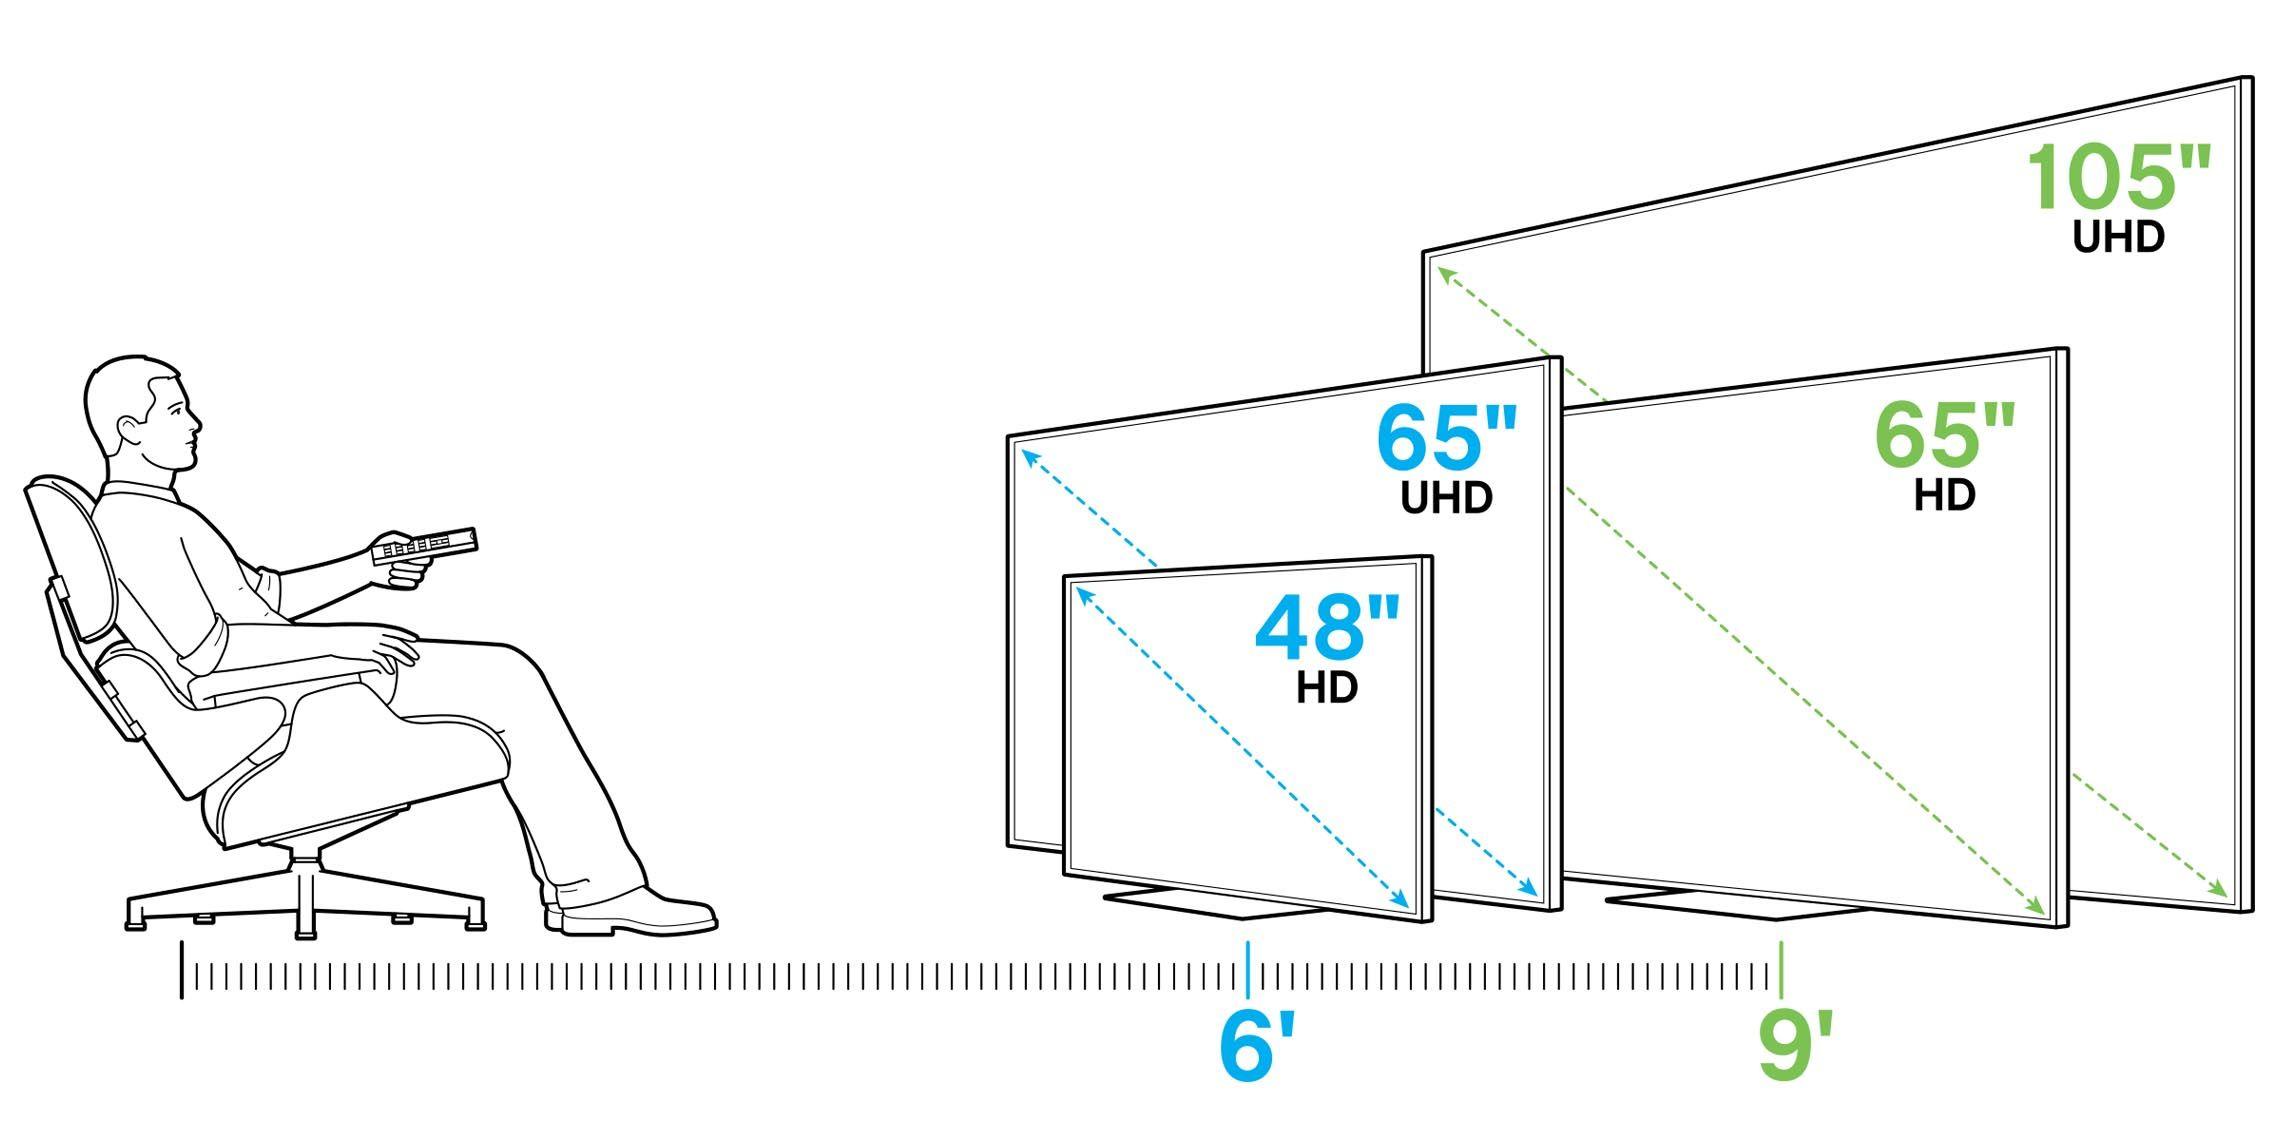 TV Buying Guide   Tv size, Tv size guide, Tv buying guide